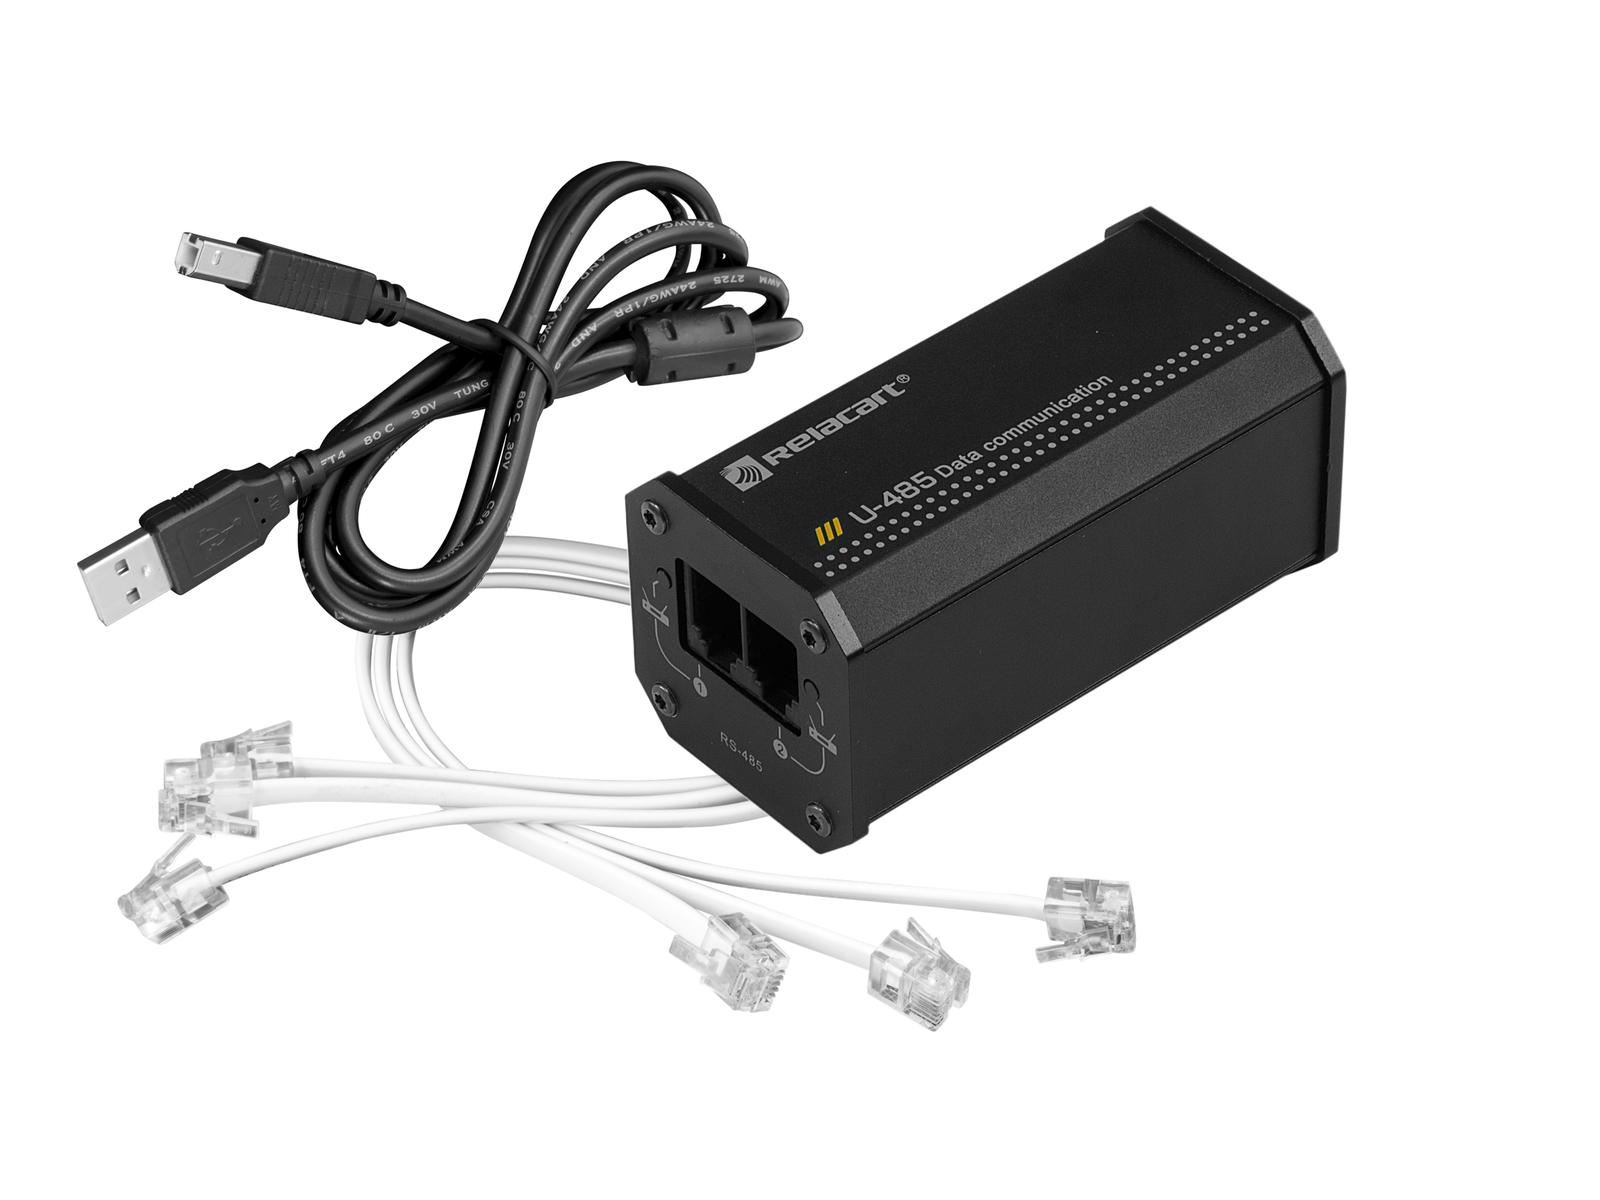 Relacart U485 USB Interface, převodník